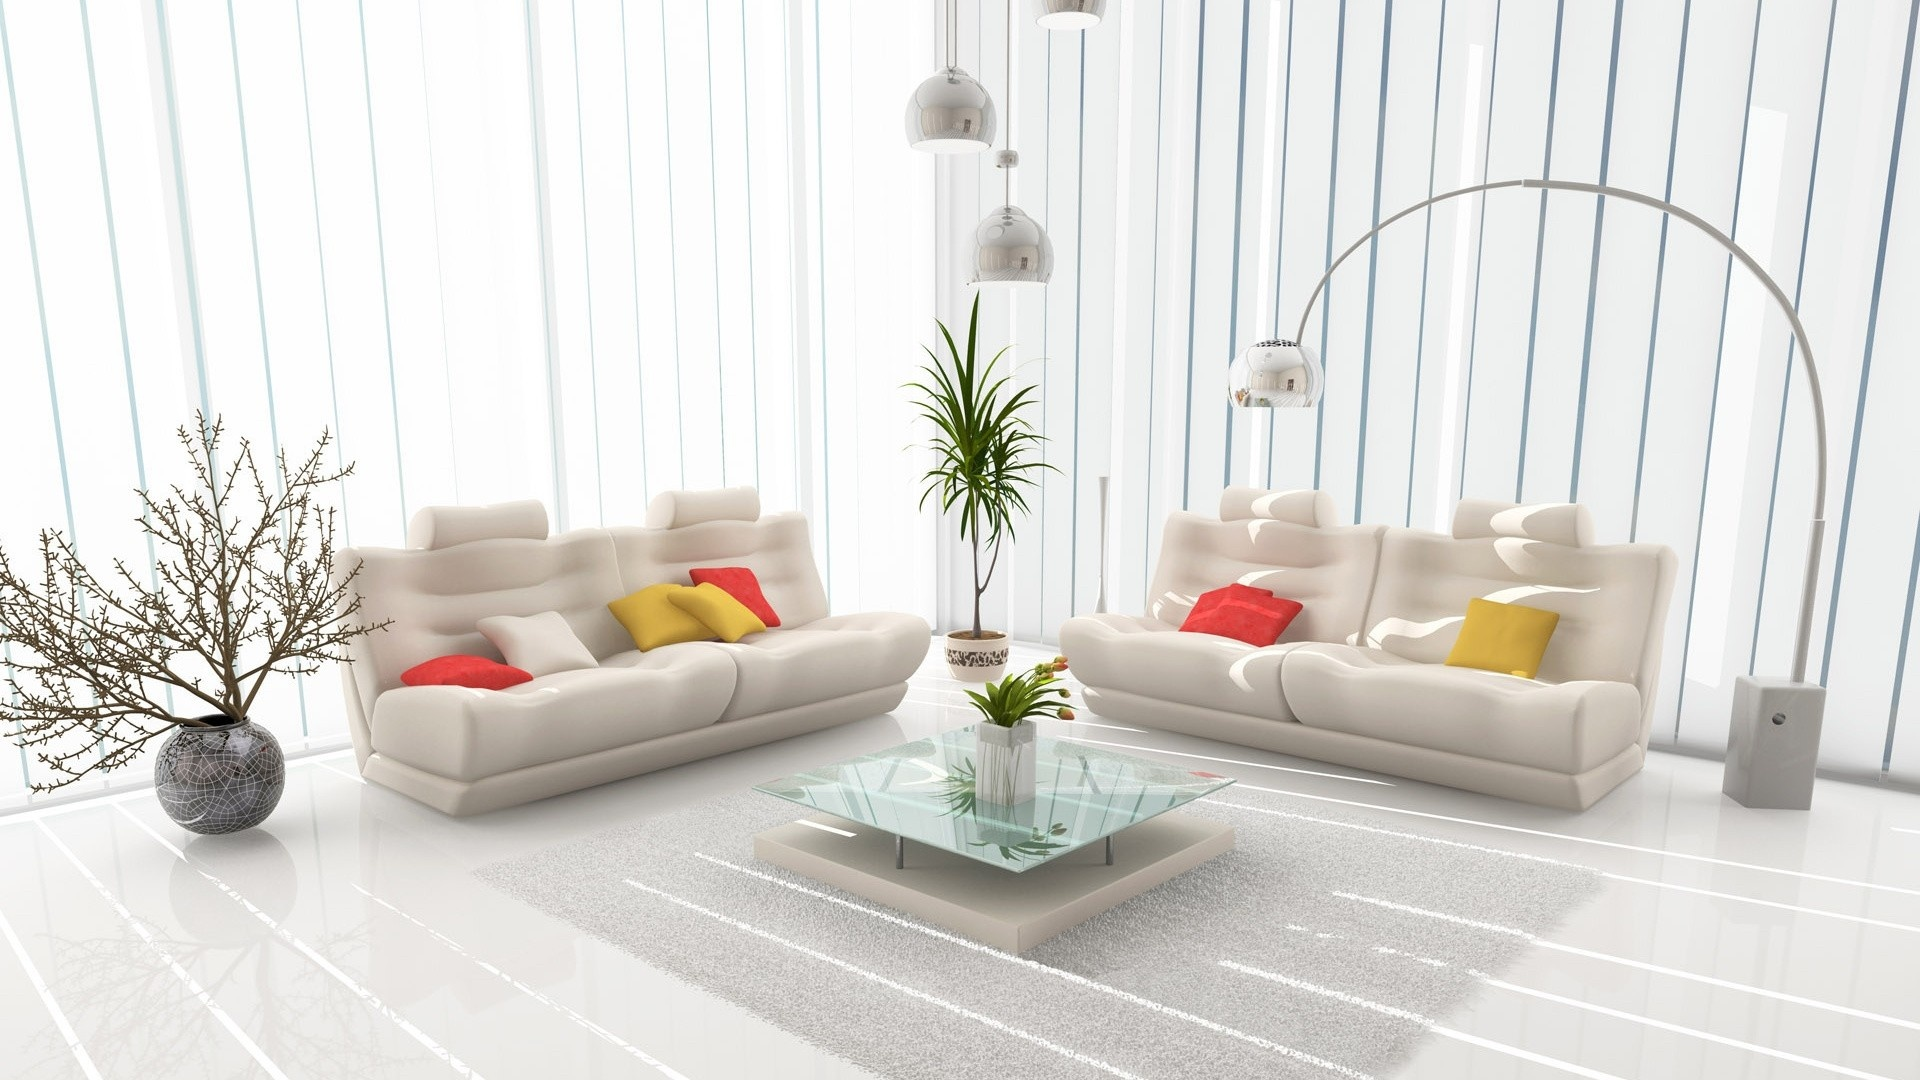 Living Room | 1920 x 1080 | Download | Close